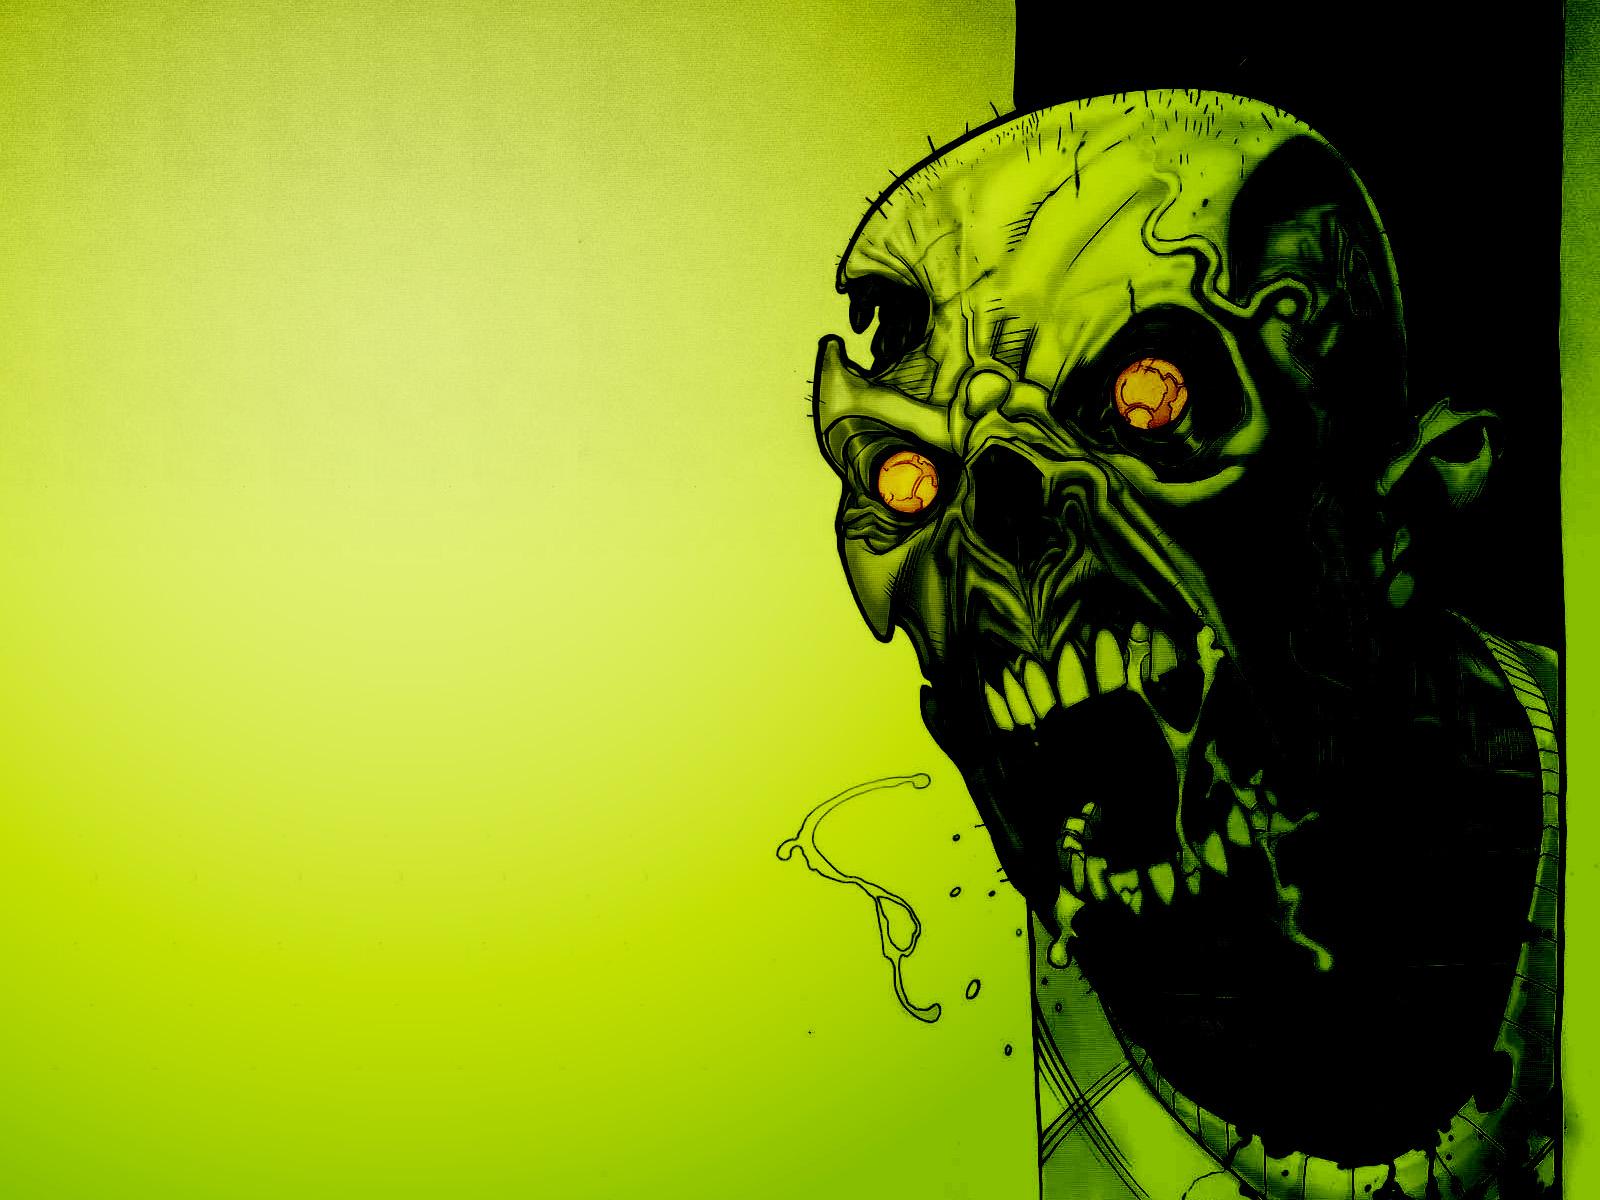 http://4.bp.blogspot.com/-C_4v0d6AbBs/UAn8EG5O_uI/AAAAAAAAAFE/Hzj9pPTTxTE/s1600/horror.jpeg